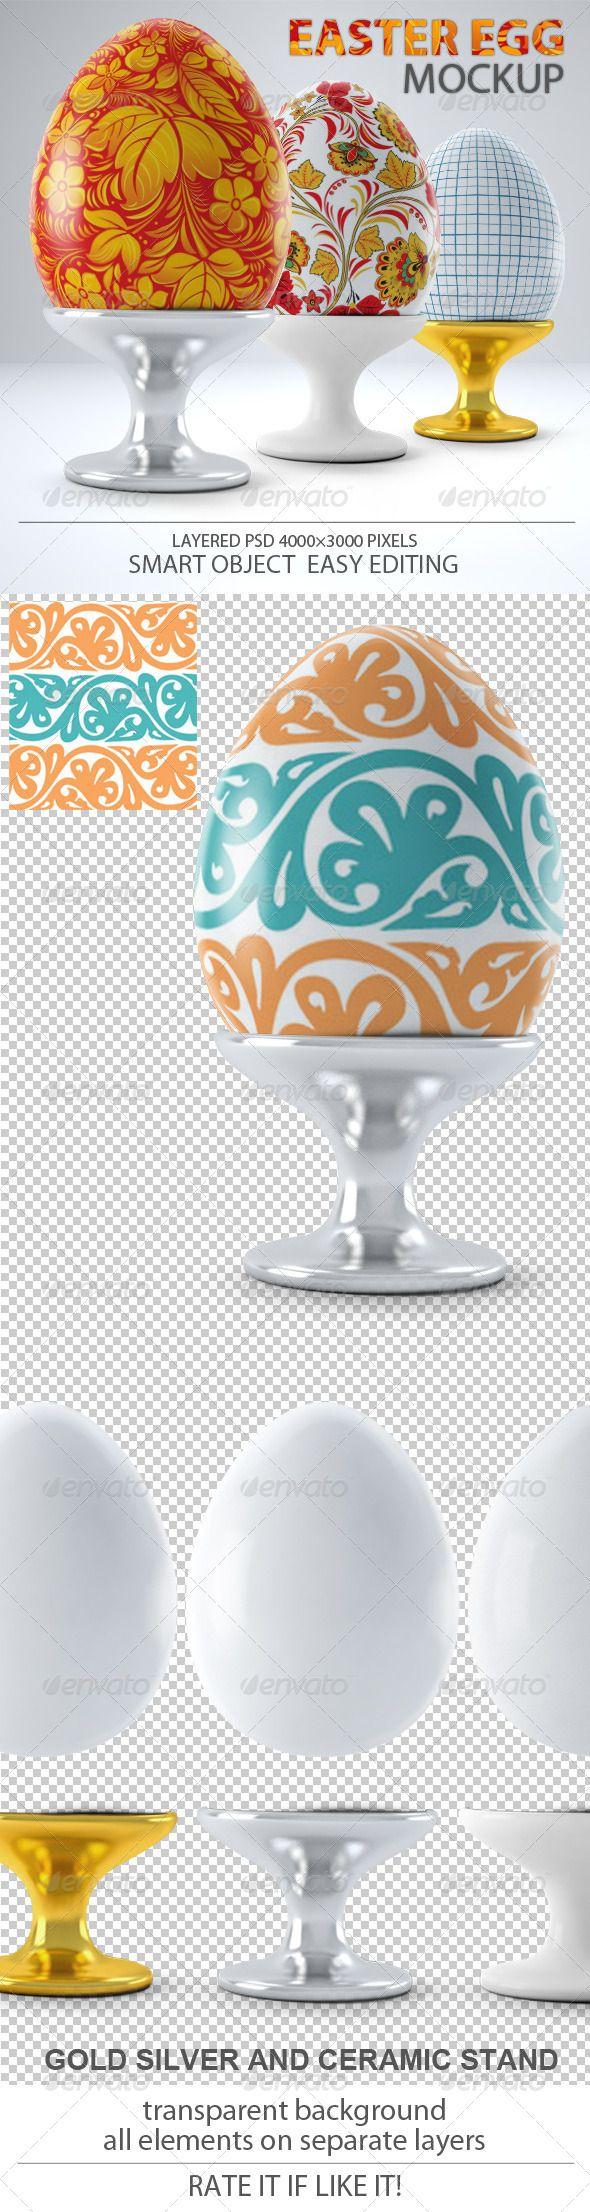 Easter Egg Mock-up 4$